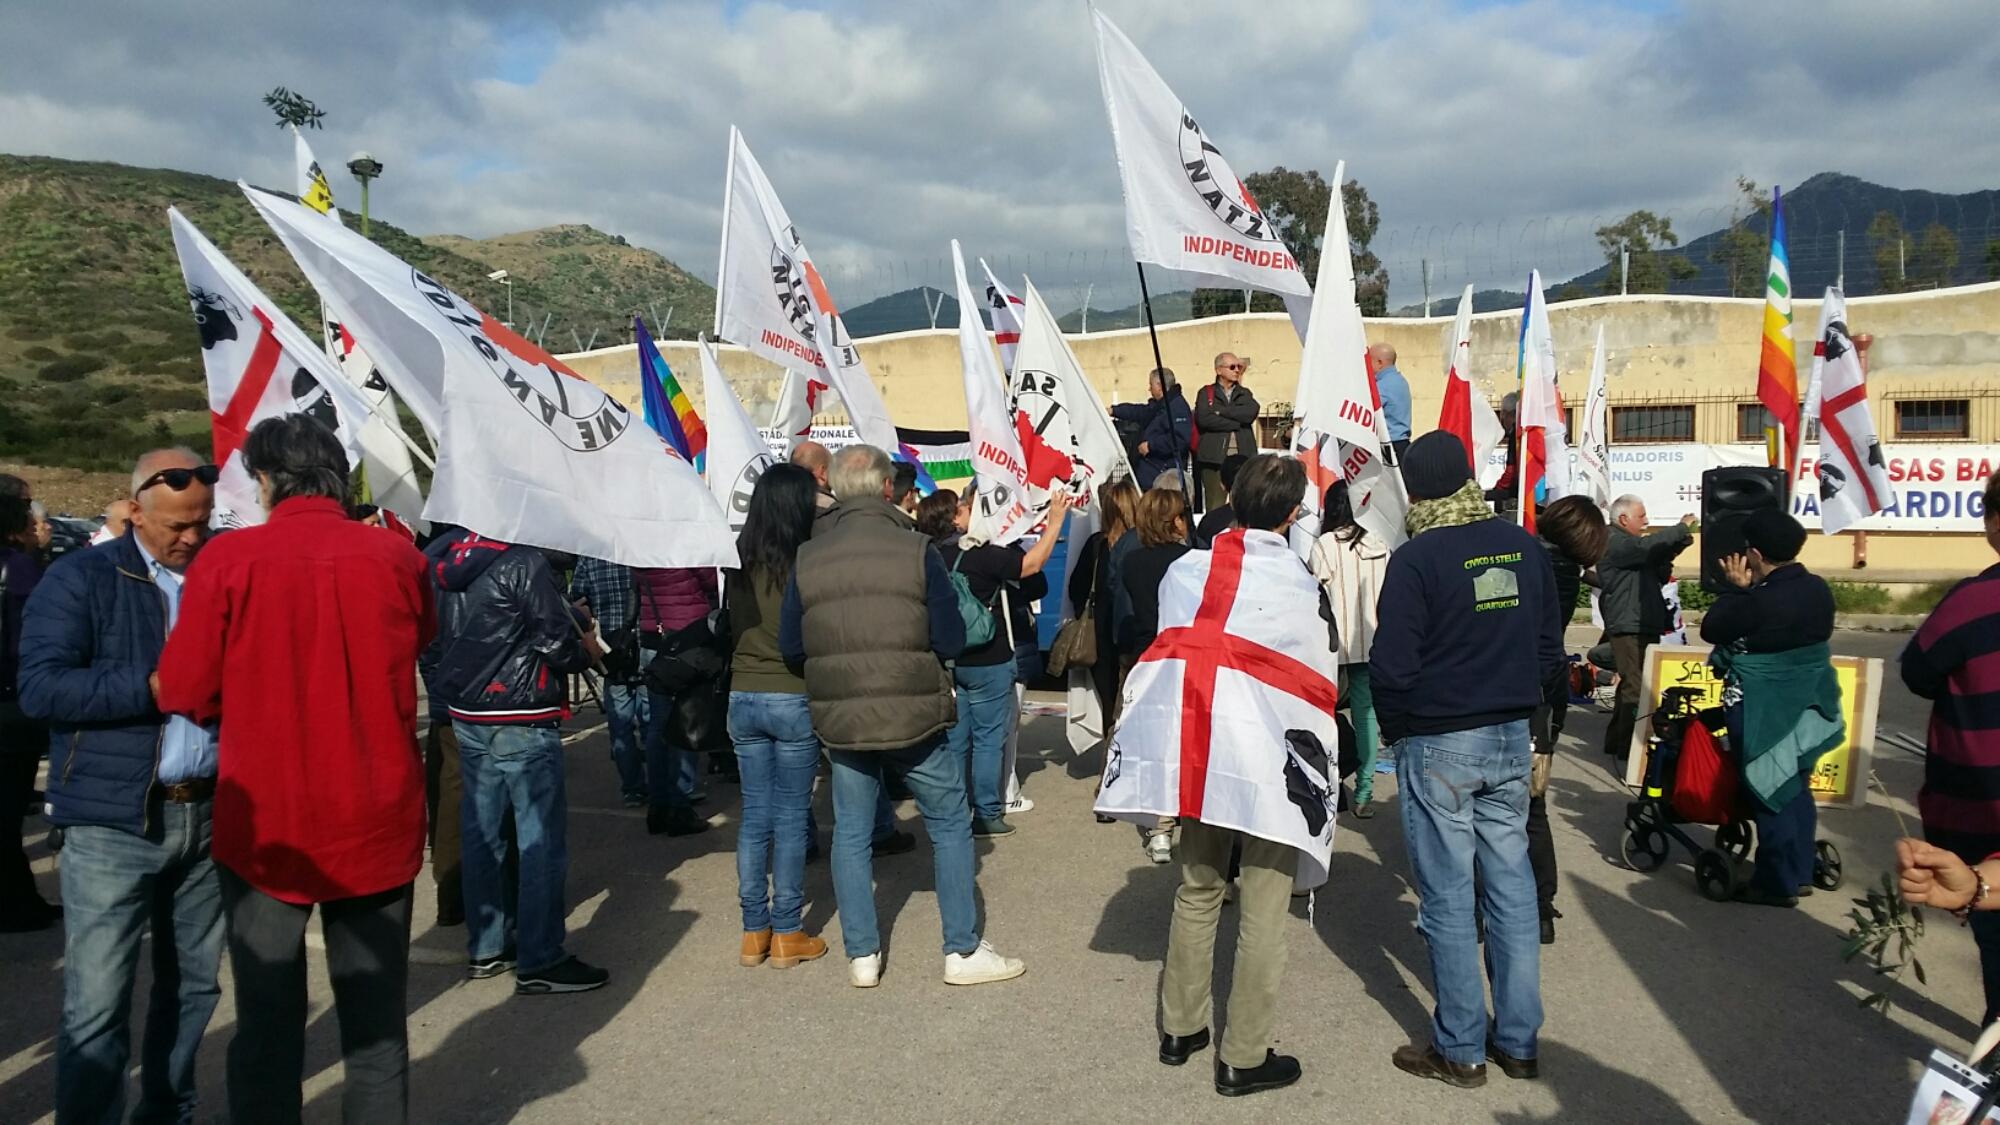 Nuova manifestazione pacifista contro la fabbrica di bombe il 10 maggio a Domusnovas.